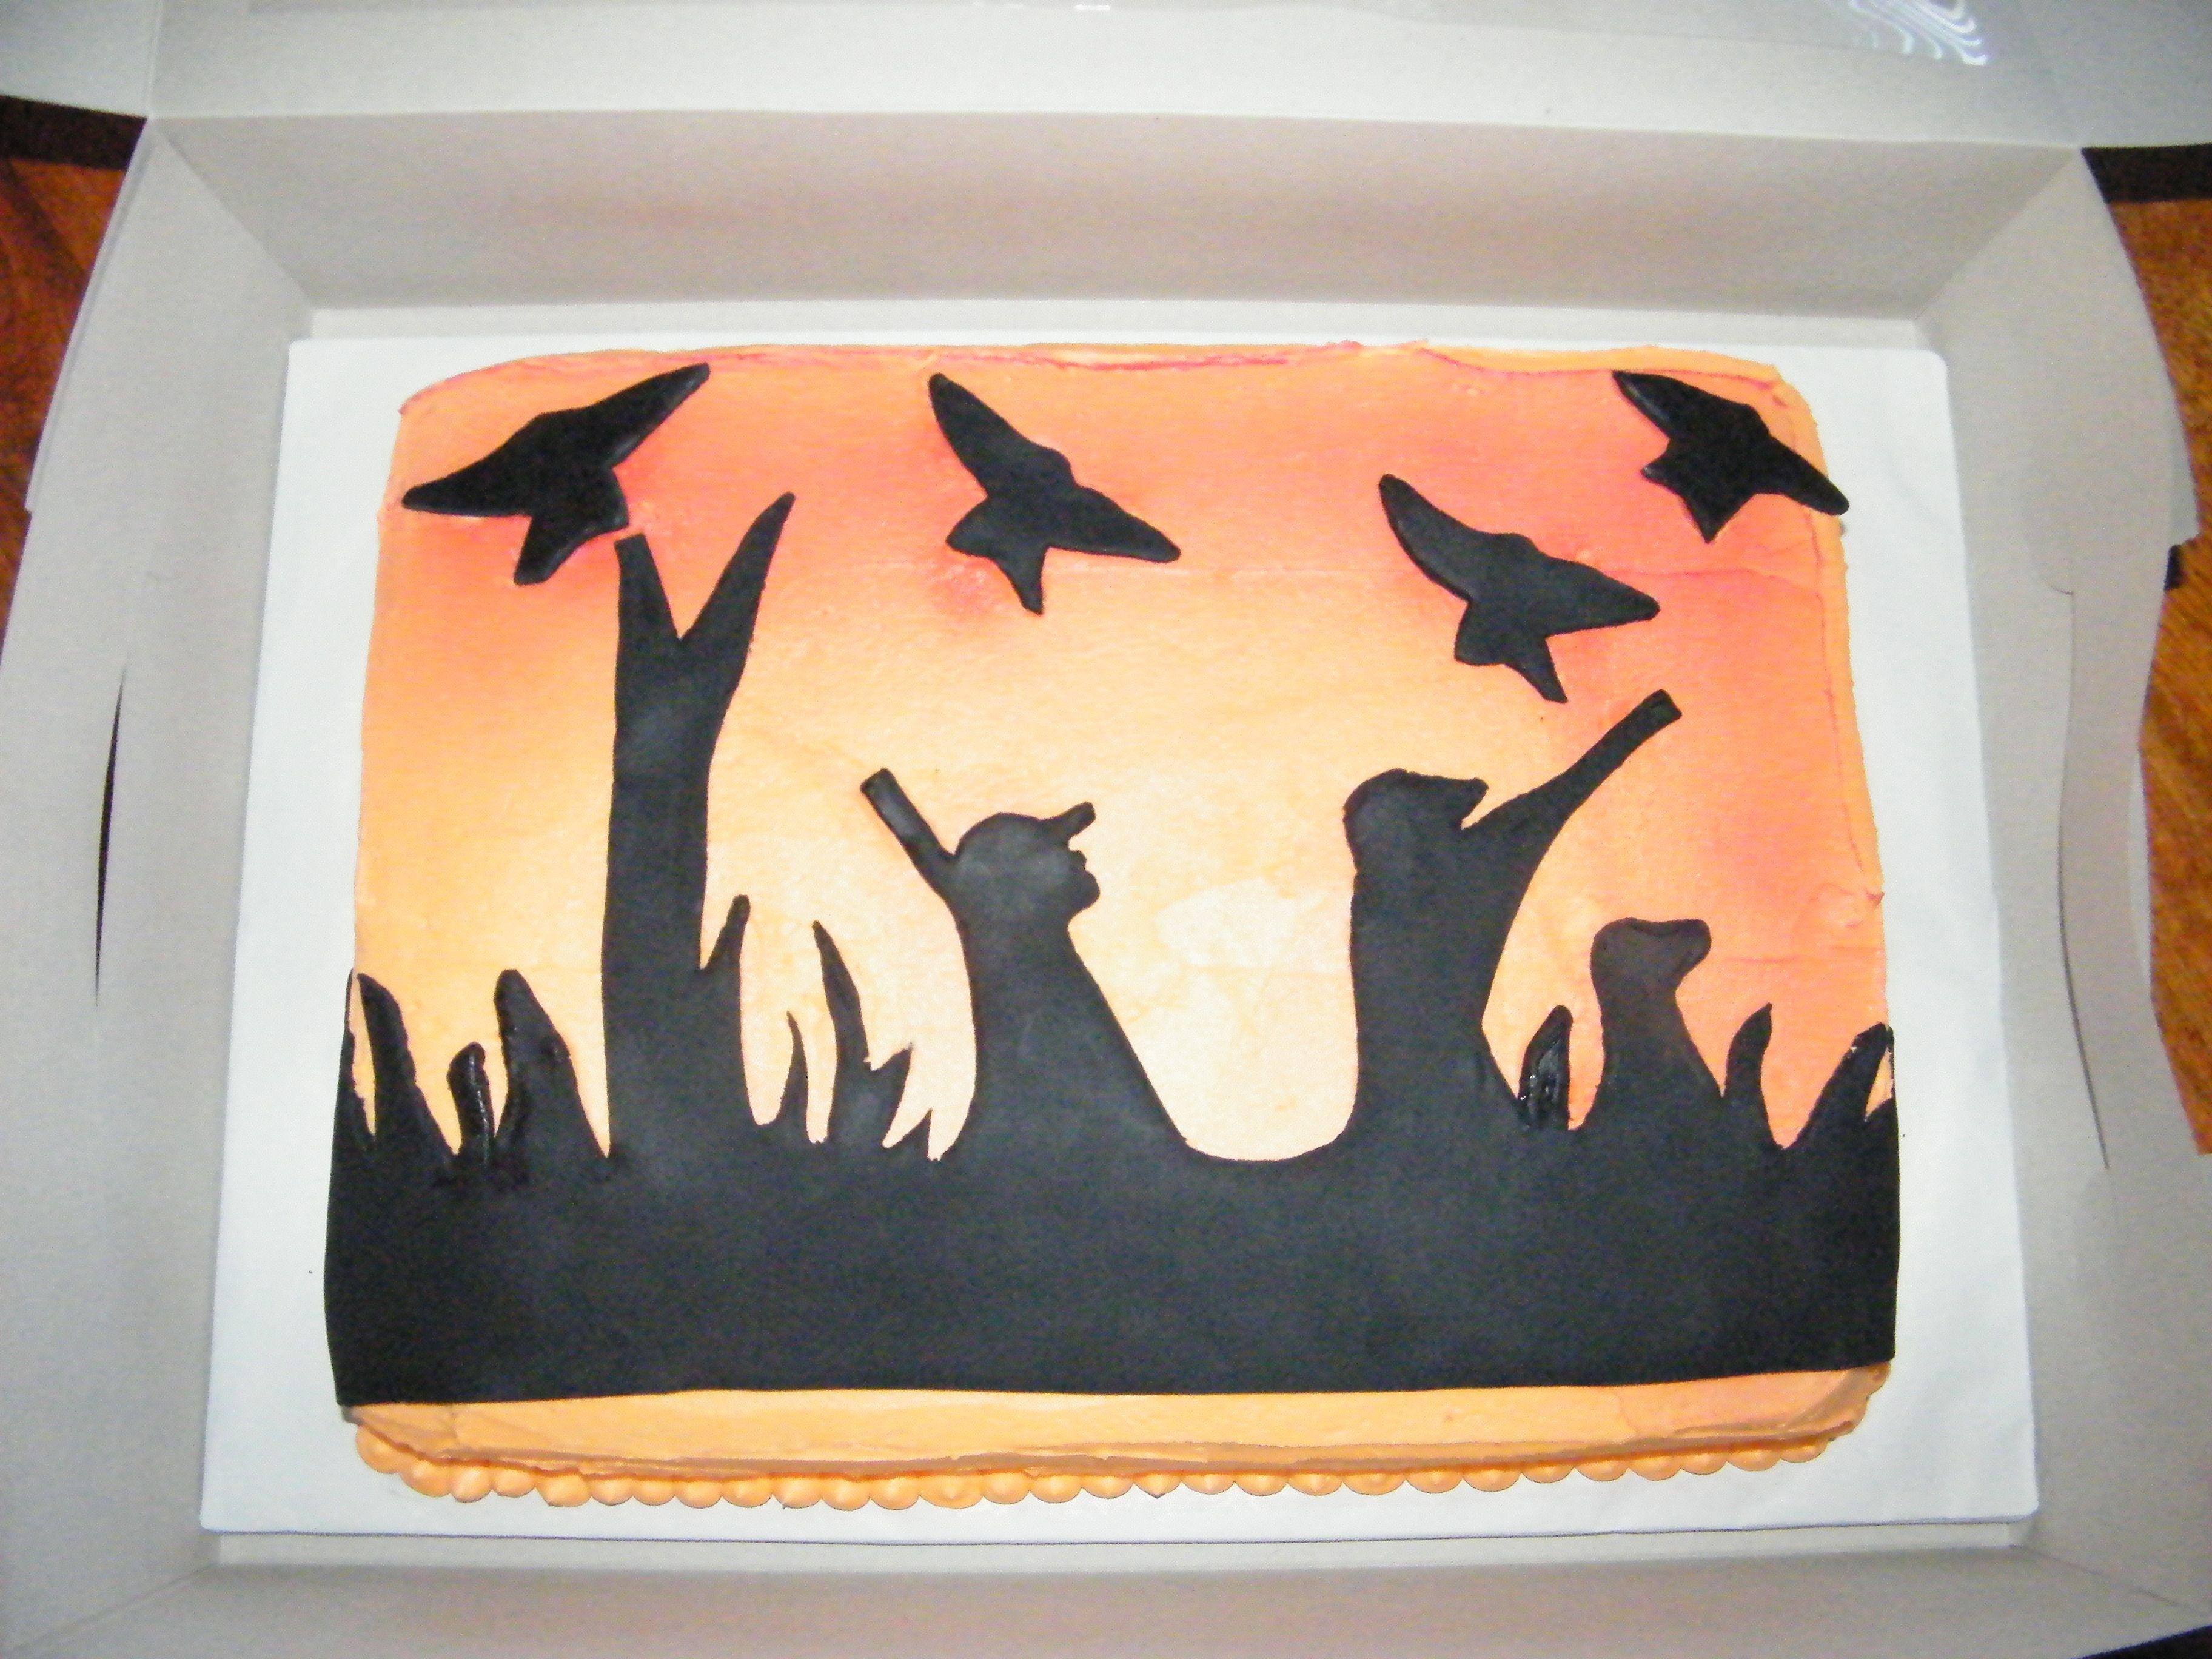 - Bday cake for avid duck hunter. Fondant silhouette ...